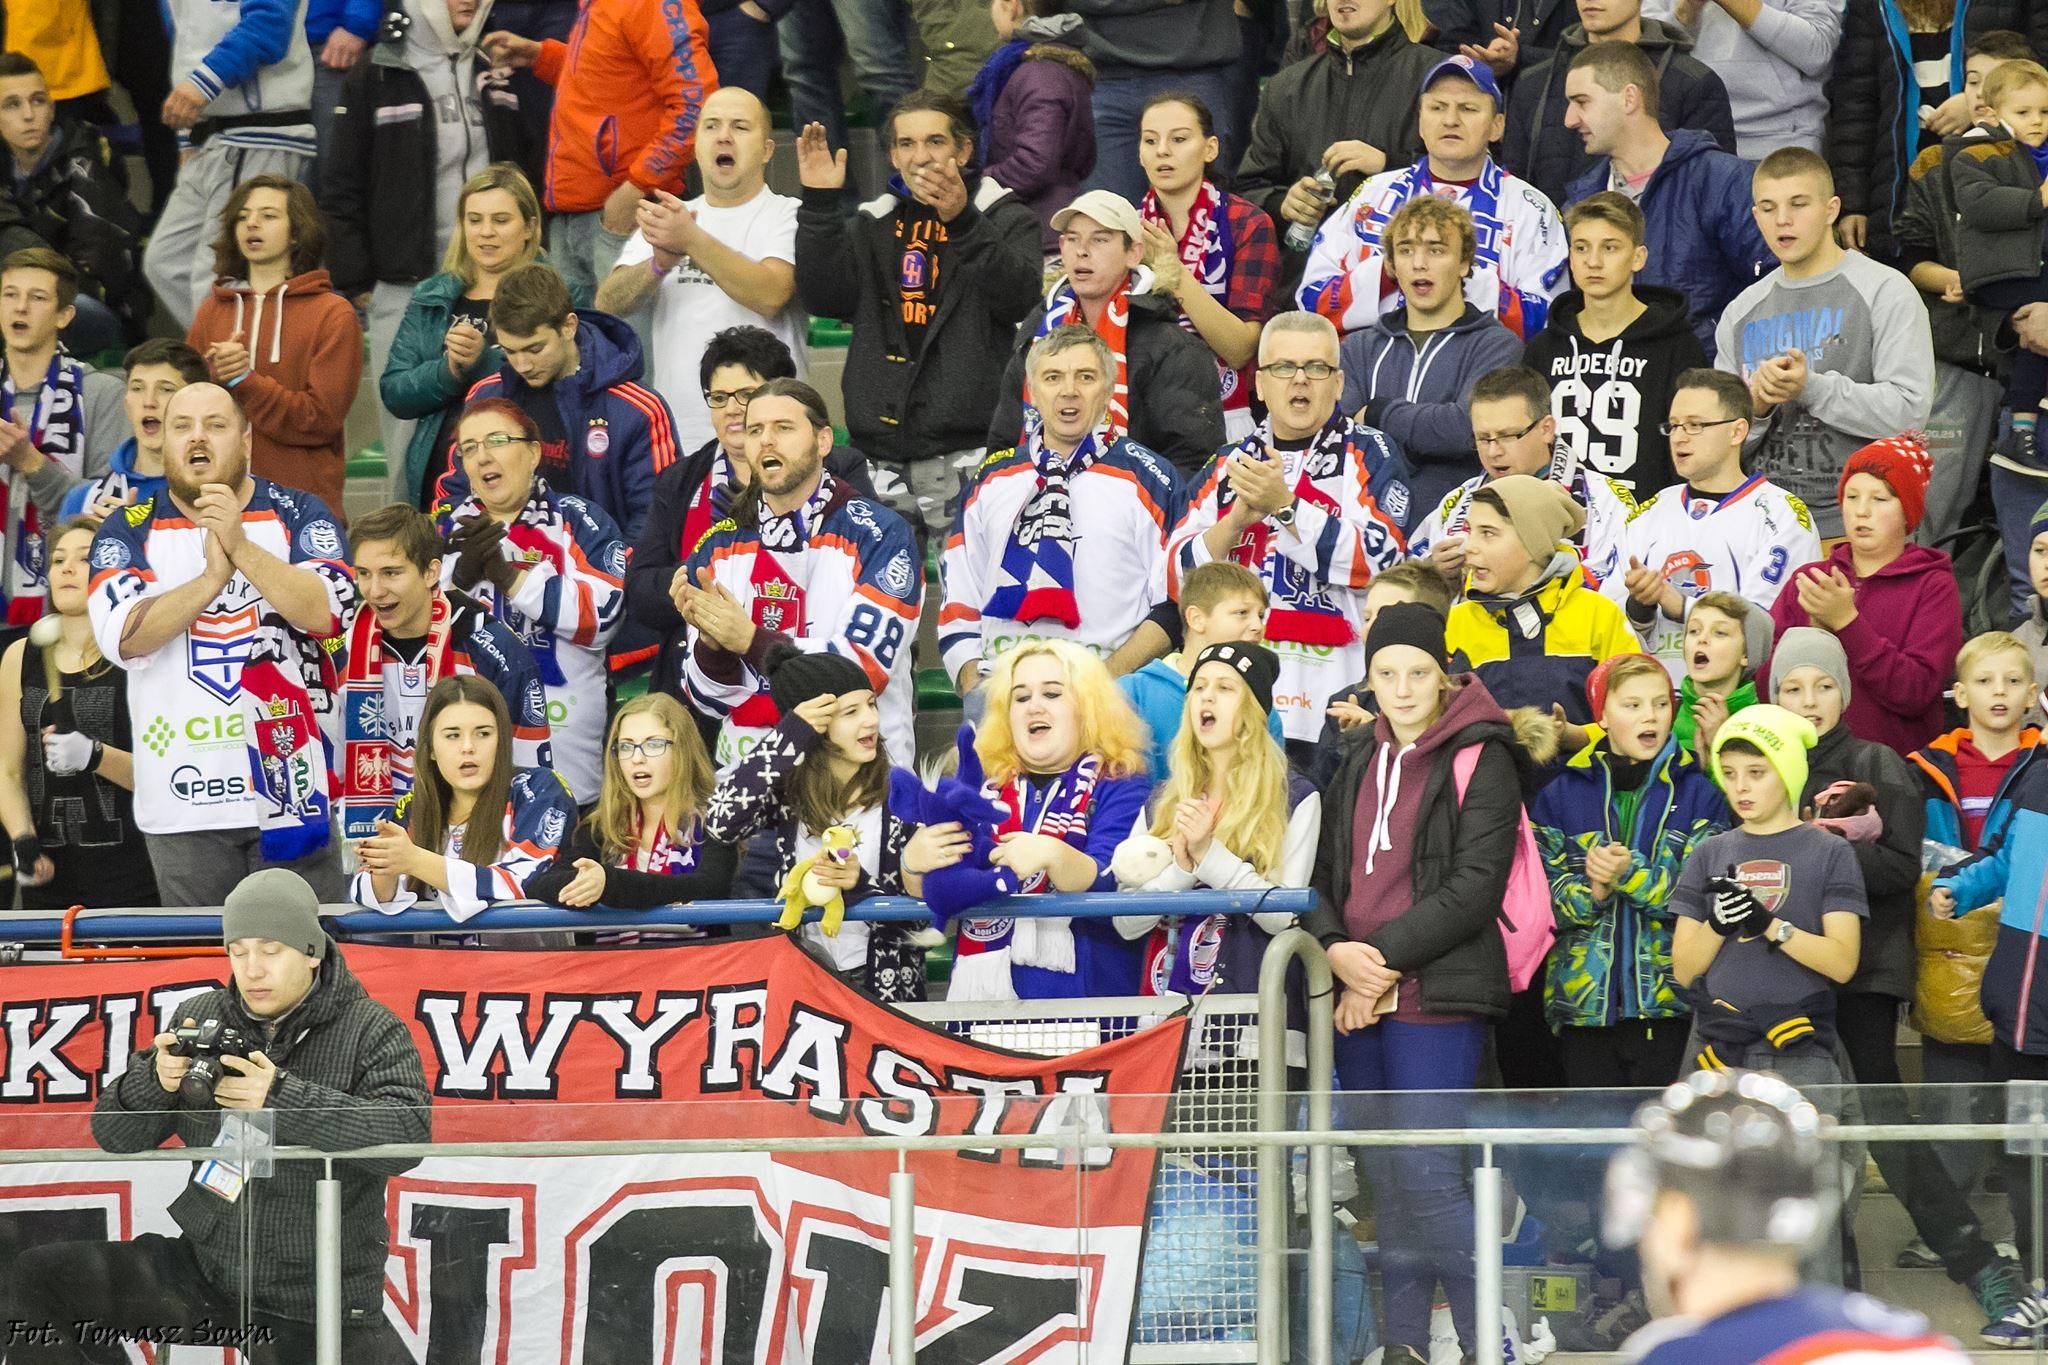 Zapraszamy wszystkich kibiców hokeja na rozpoczęcie sezonu 2020/2021 przed Areną - Zdjęcie główne